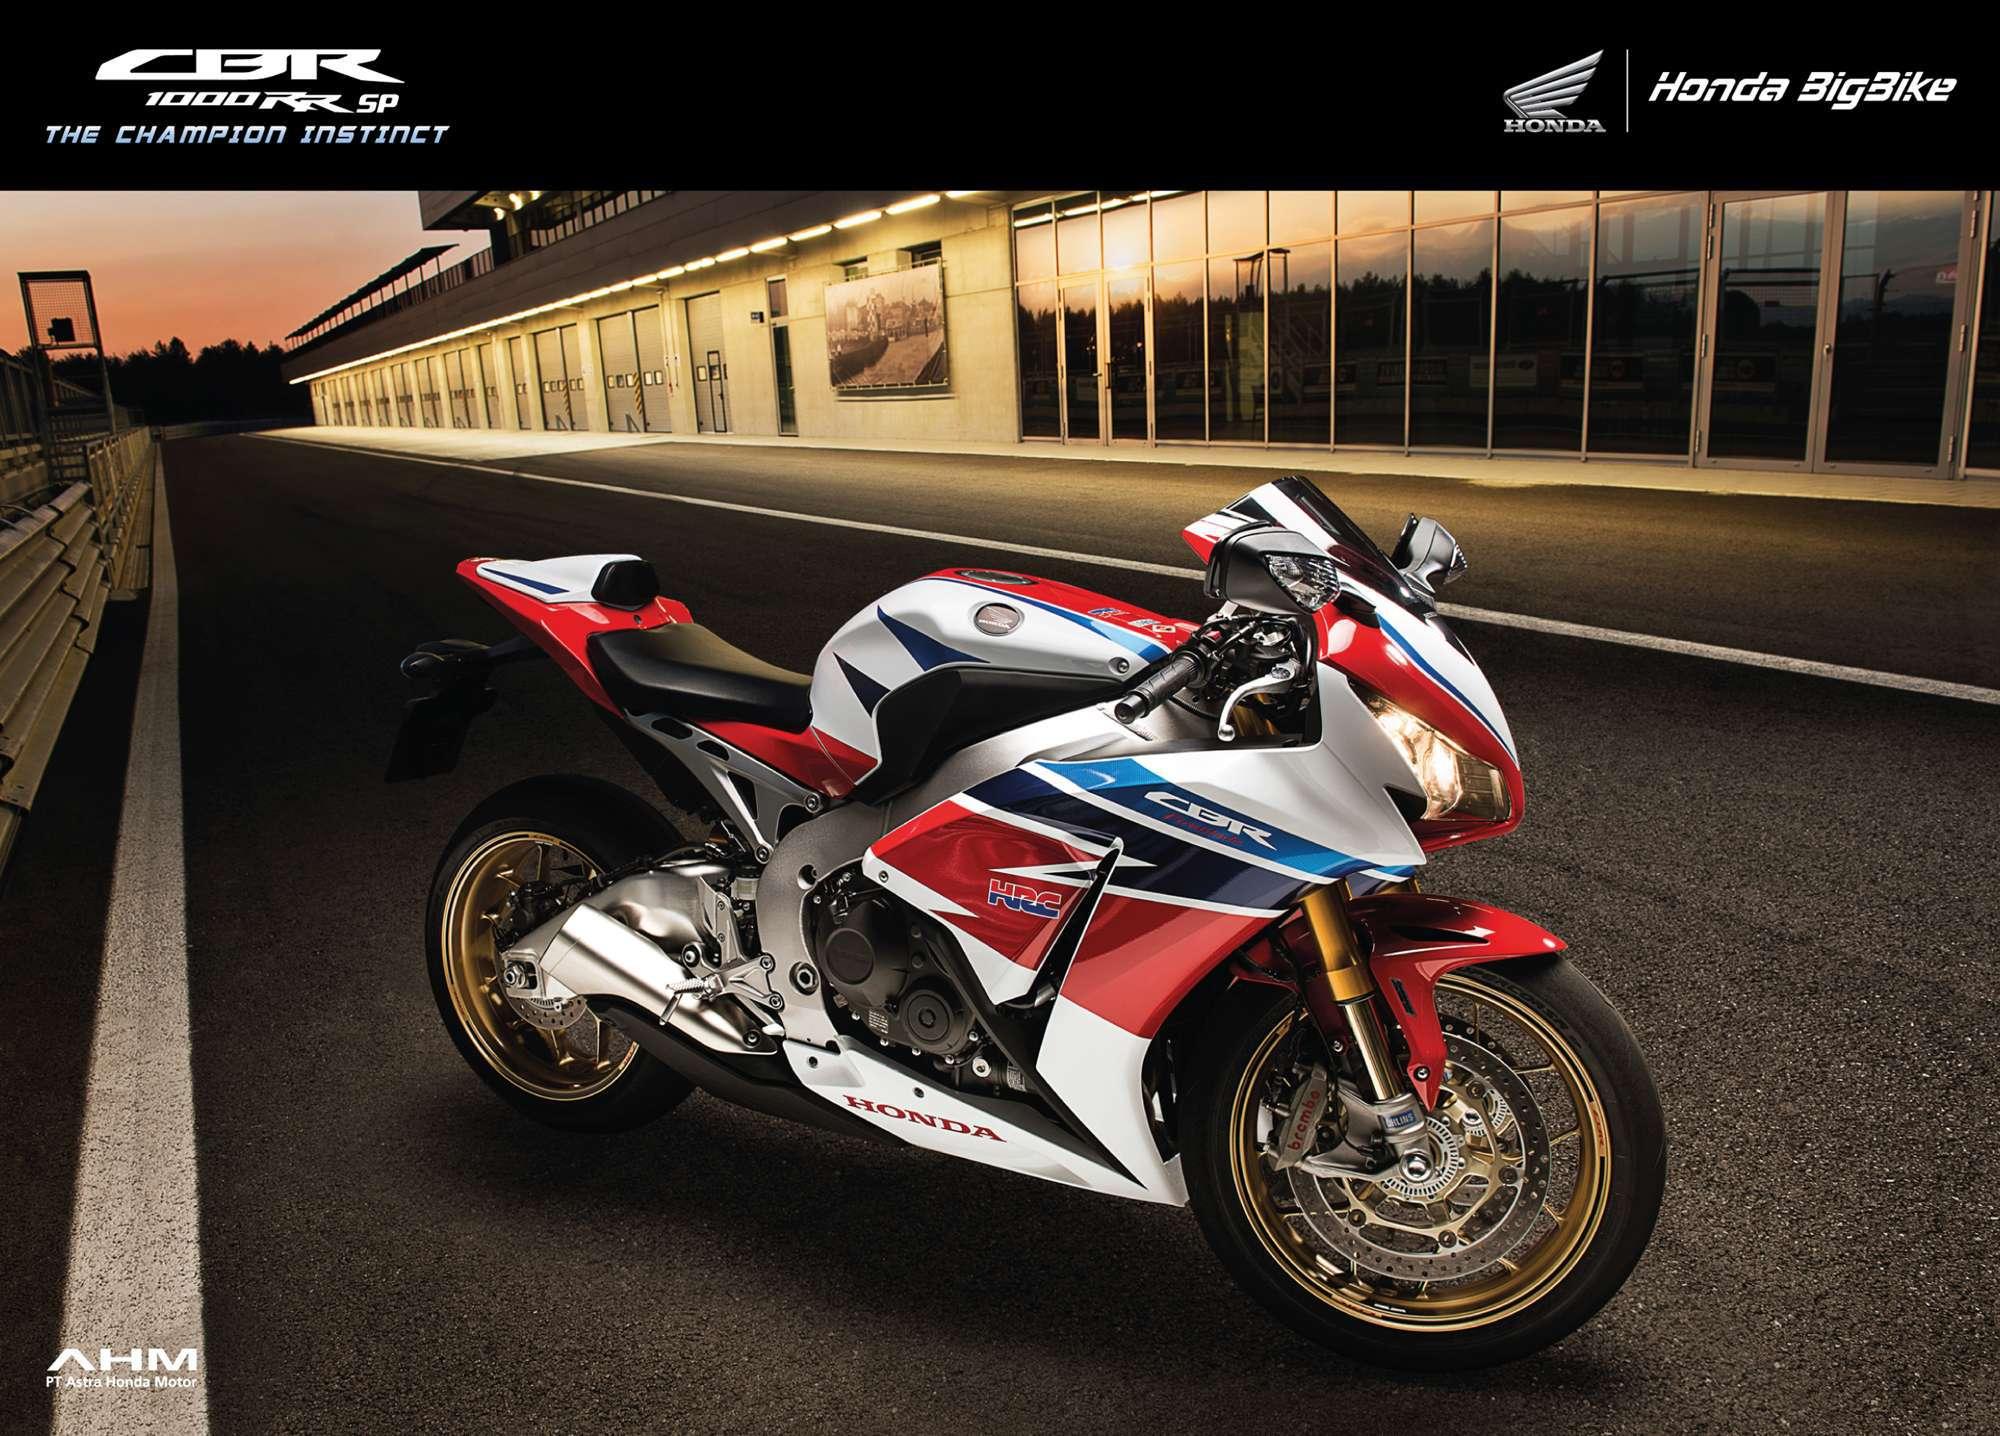 Brosur Motor Honda CBR 1000RR SP - 1